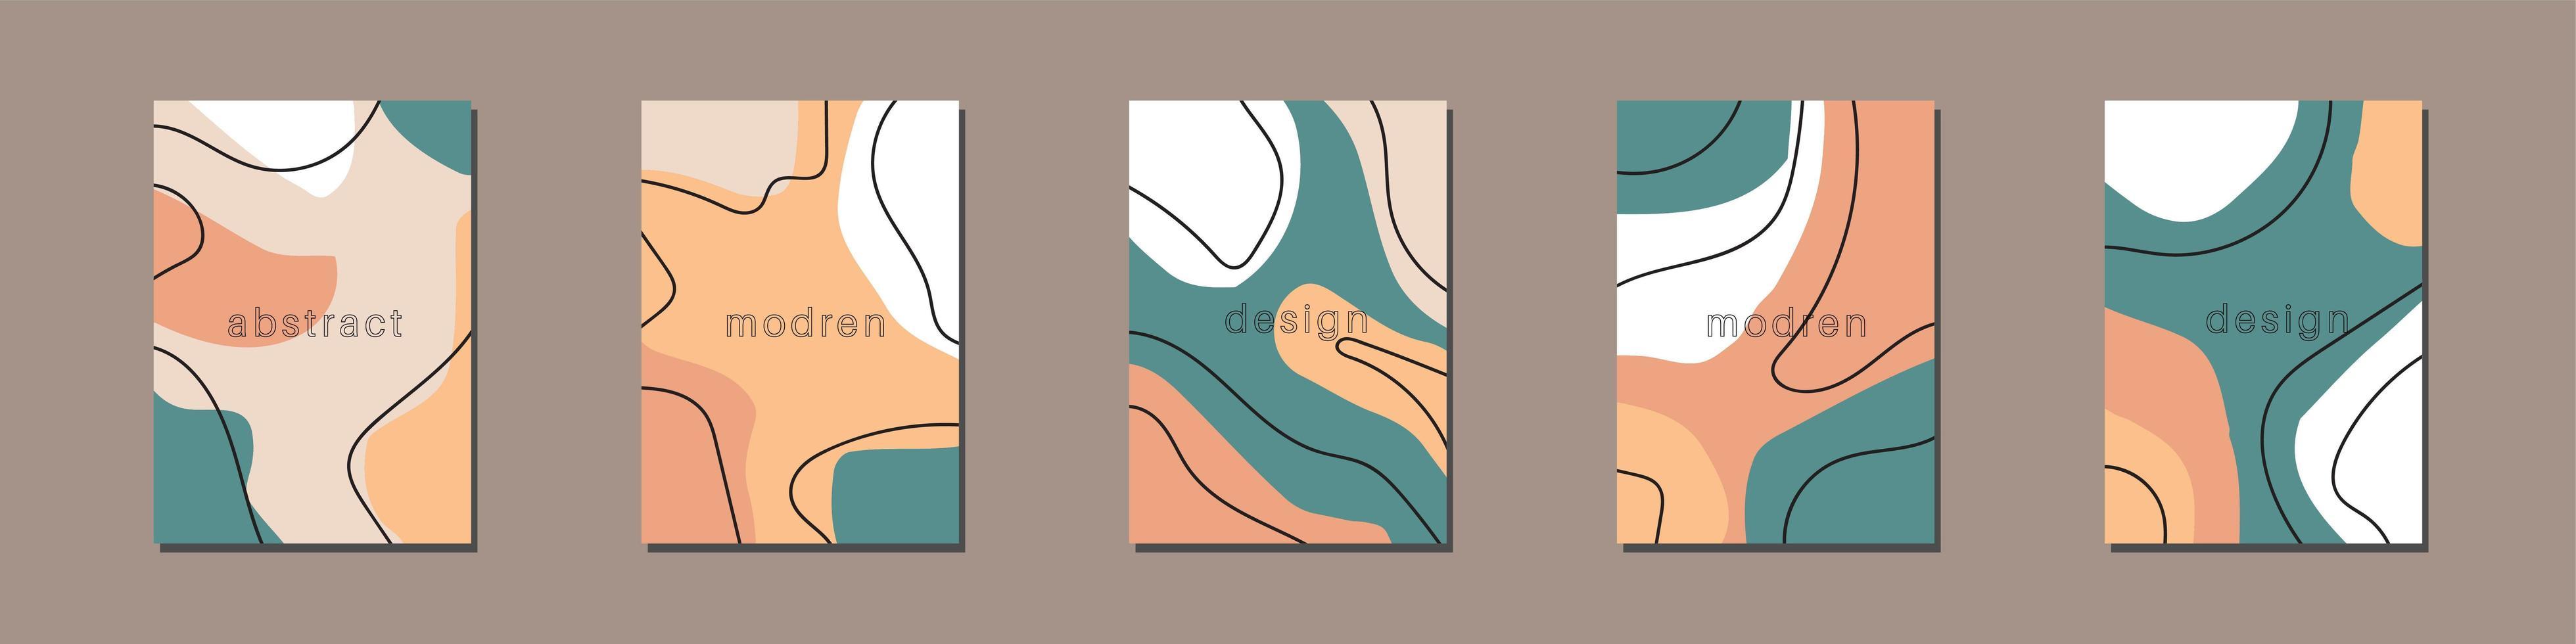 collection de modèles d'histoires créatives avec espace de copie pour le texte. mise en page vectorielle moderne avec des formes et des textures organiques dessinés à la main. conception à la mode pour l'impression de bannières numériques marketing sur les réseaux sociaux. vecteur